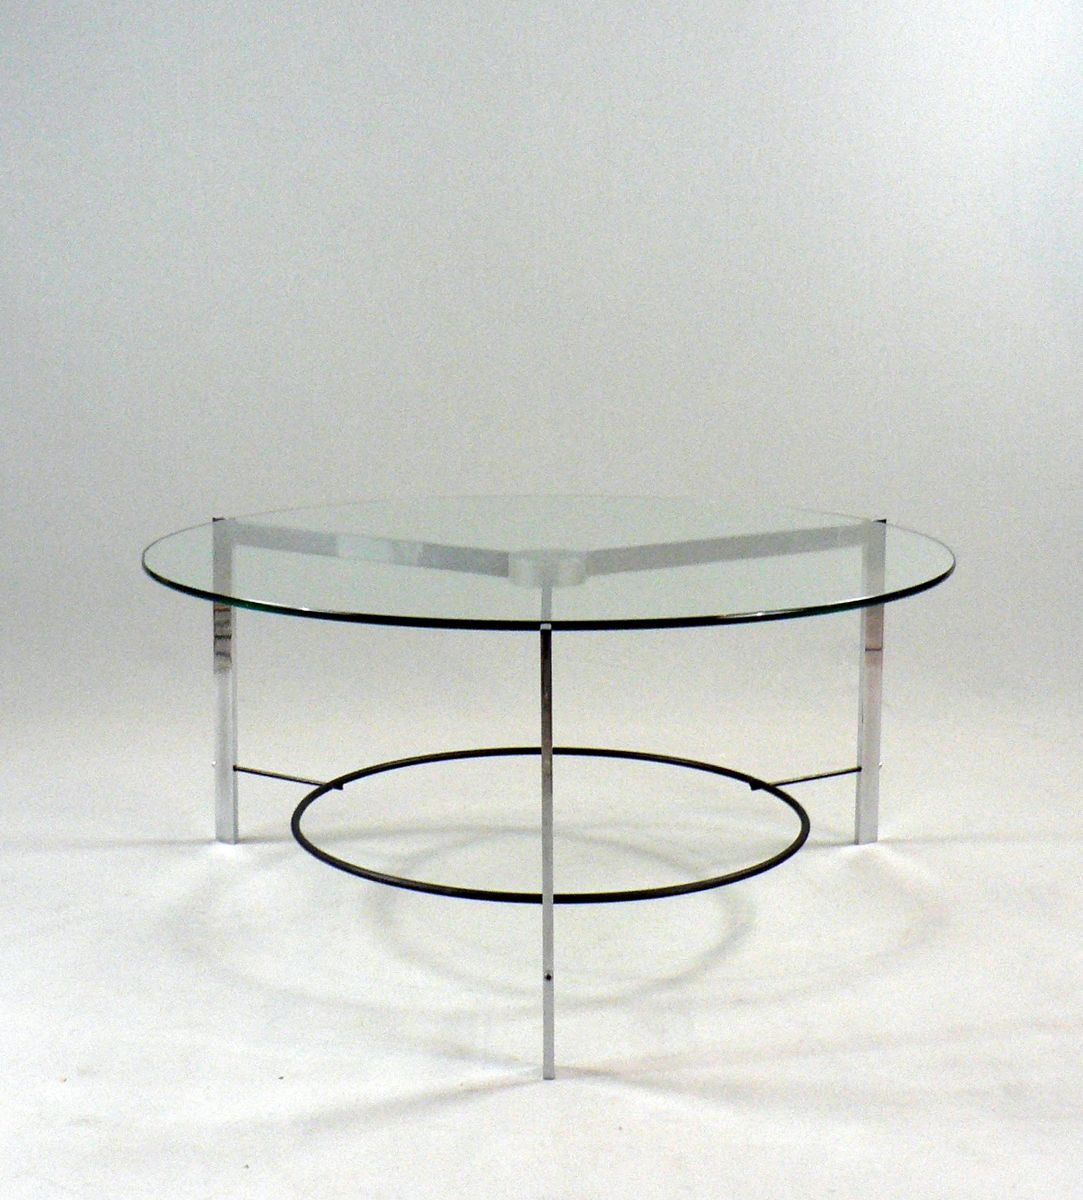 niedriger vintage tisch aus glas und stahl bei pamono kaufen. Black Bedroom Furniture Sets. Home Design Ideas